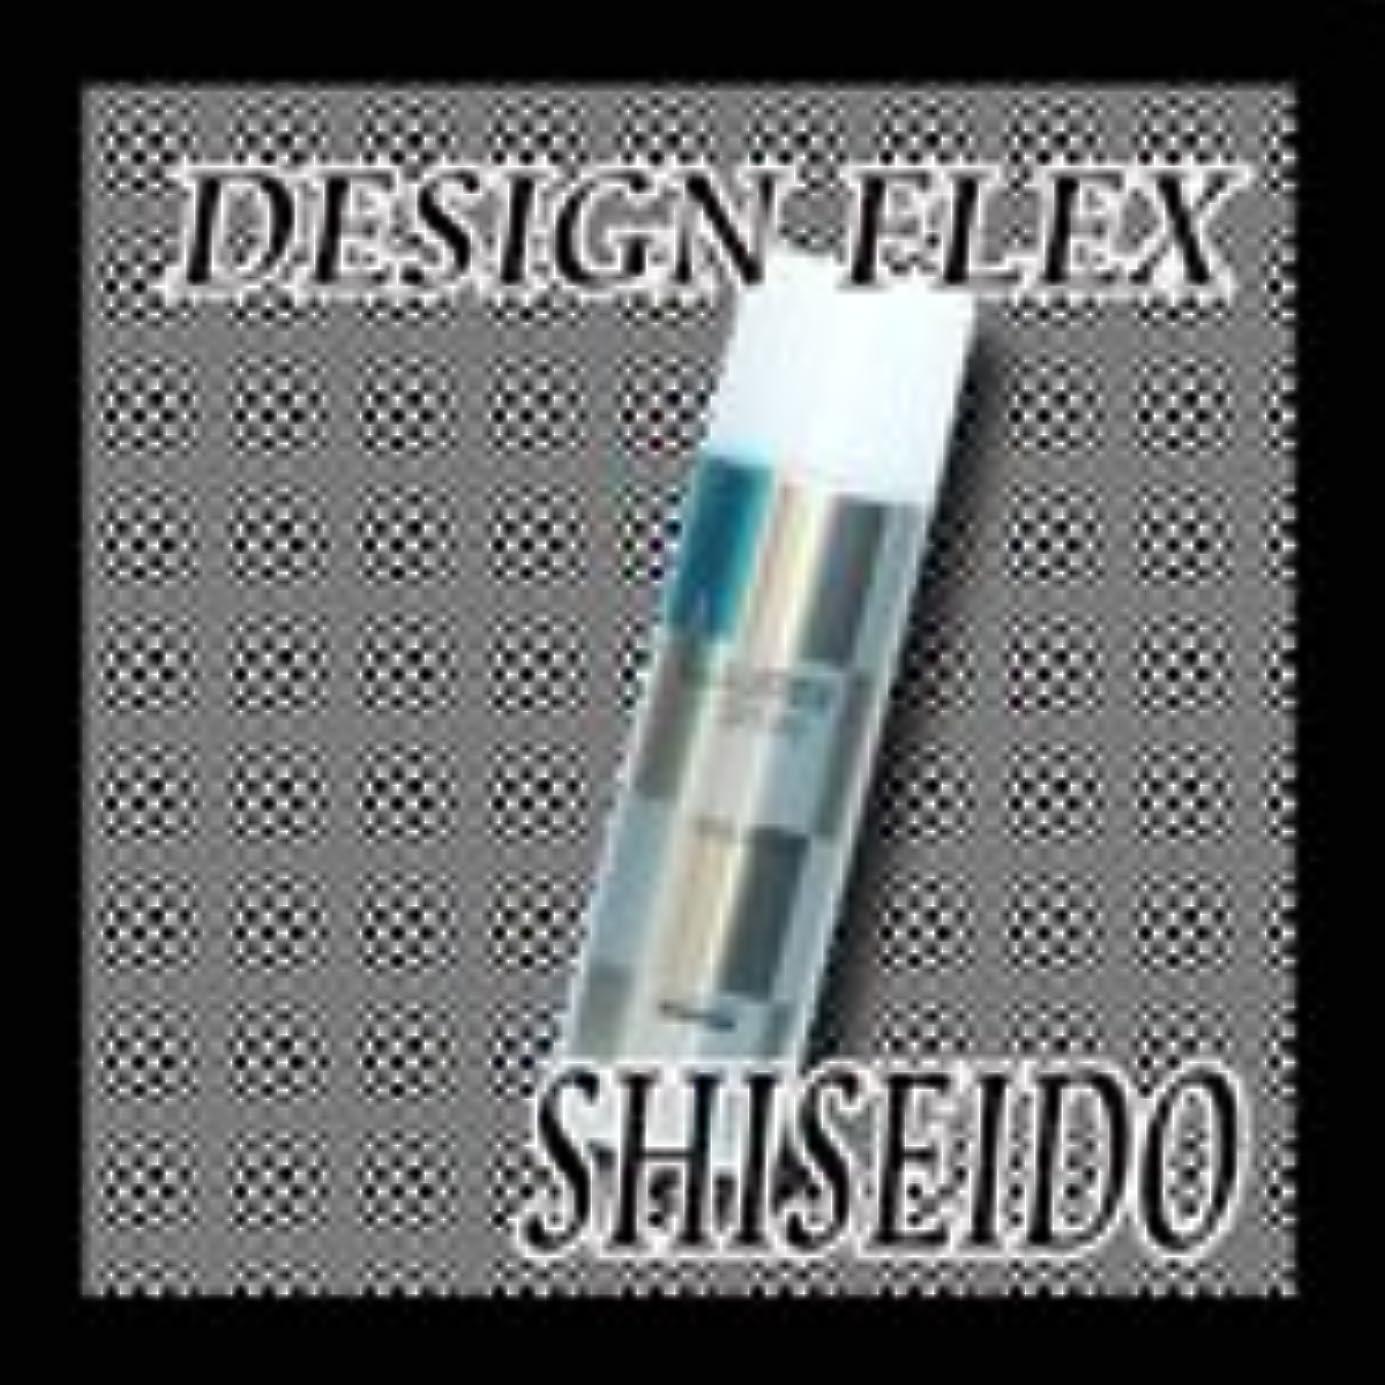 スクリーチ拍車蒸気SHISEIDO 資生堂 プロフェッショナル DESIGN FLEX デザインフレックス ラスタースプレー215g